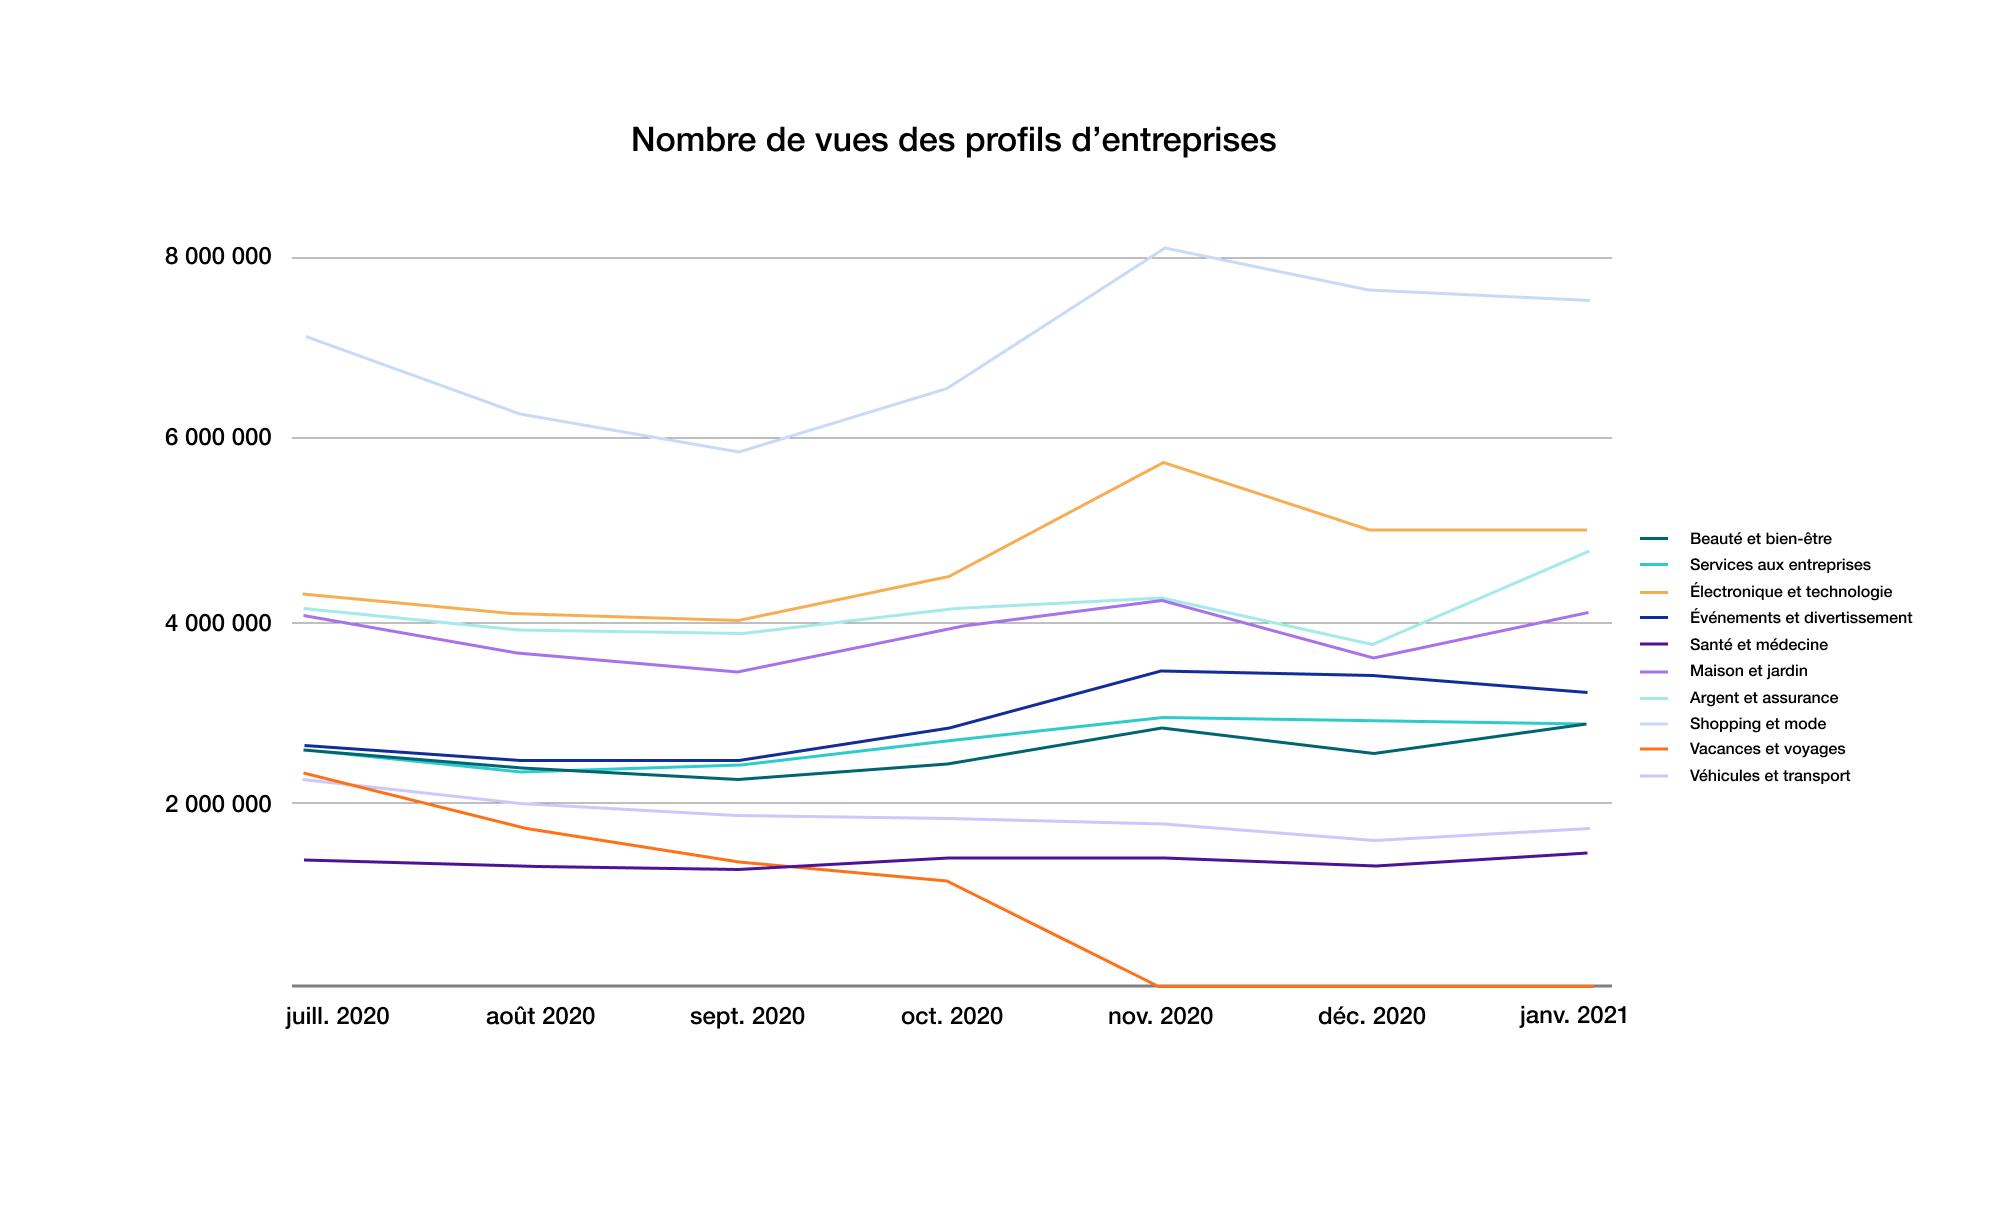 Les entreprises les plus recherchées sur Trustpilot.com au deuxième semestre 2020